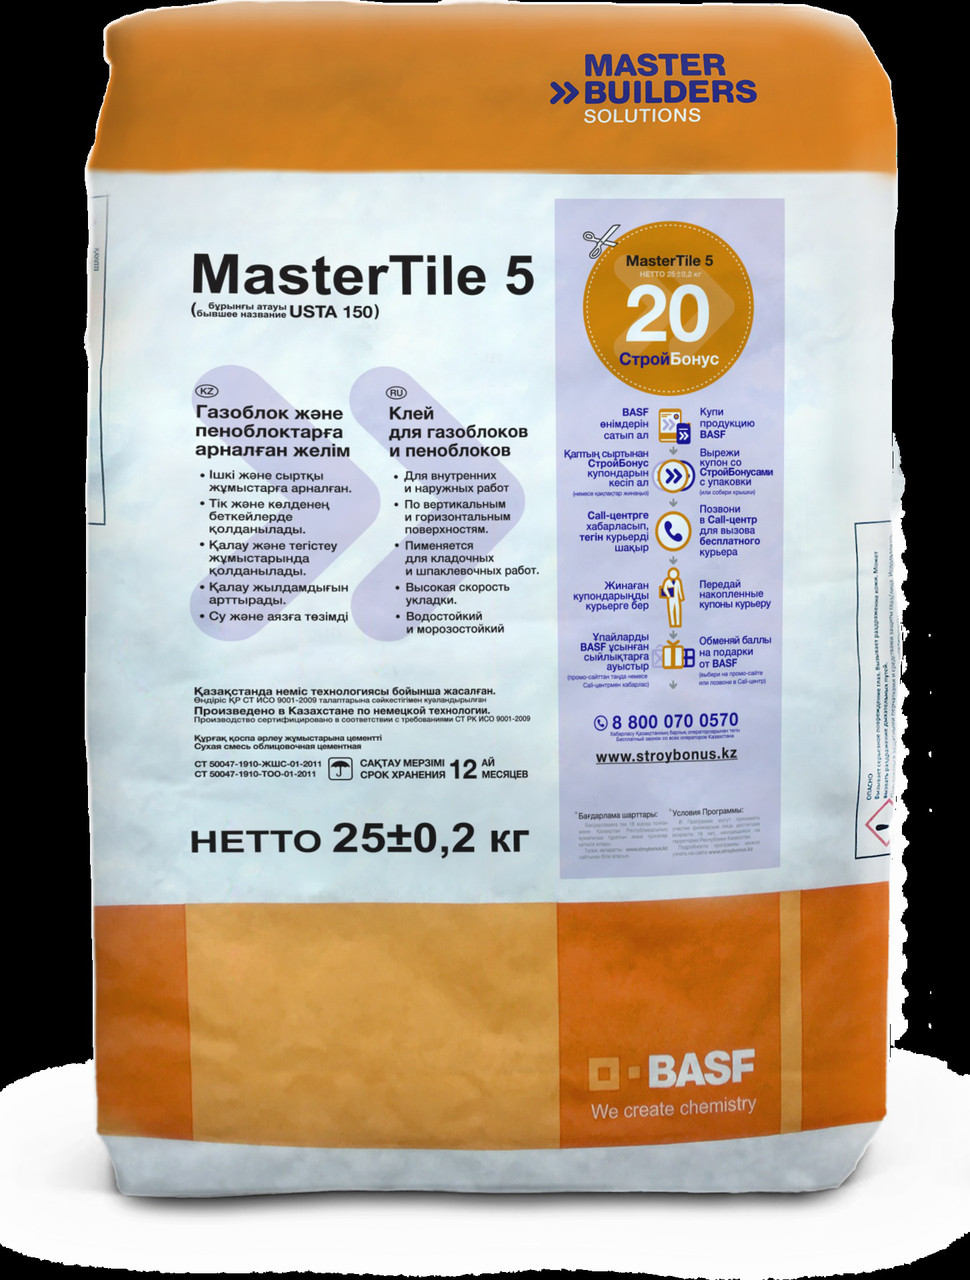 Клей для керамики MasterTile 15  (Usta 140)